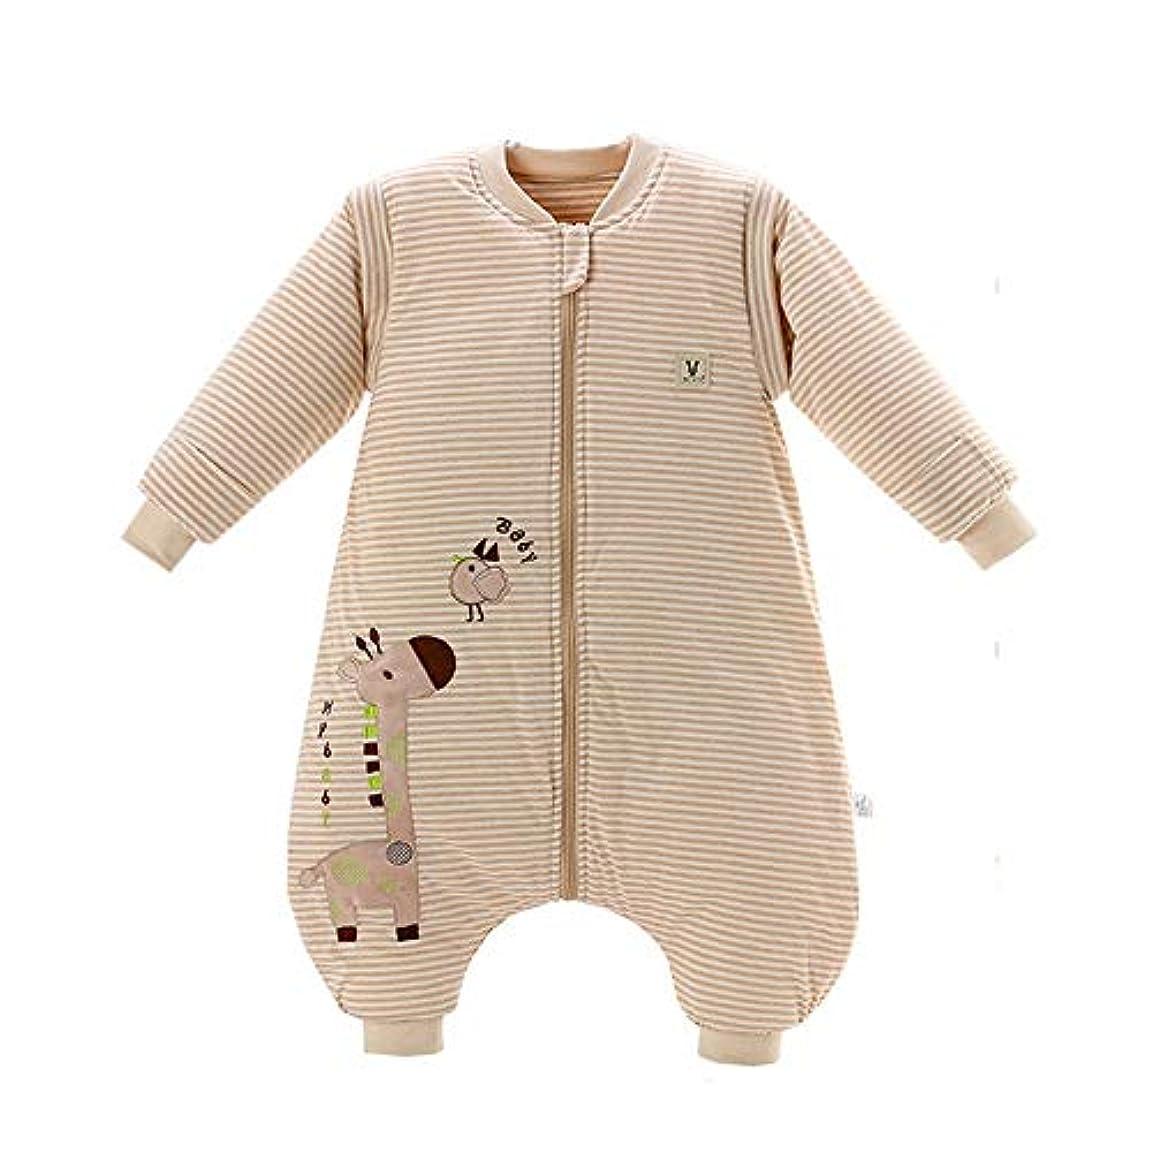 斧威する伝統ベビー寝袋 取り外し可能な長袖のパジャマの巣中立眠っている赤ちゃんの睡眠の摩耗の綿毛布 新生児睡眠カプセル (色 : As picture, サイズ : L)